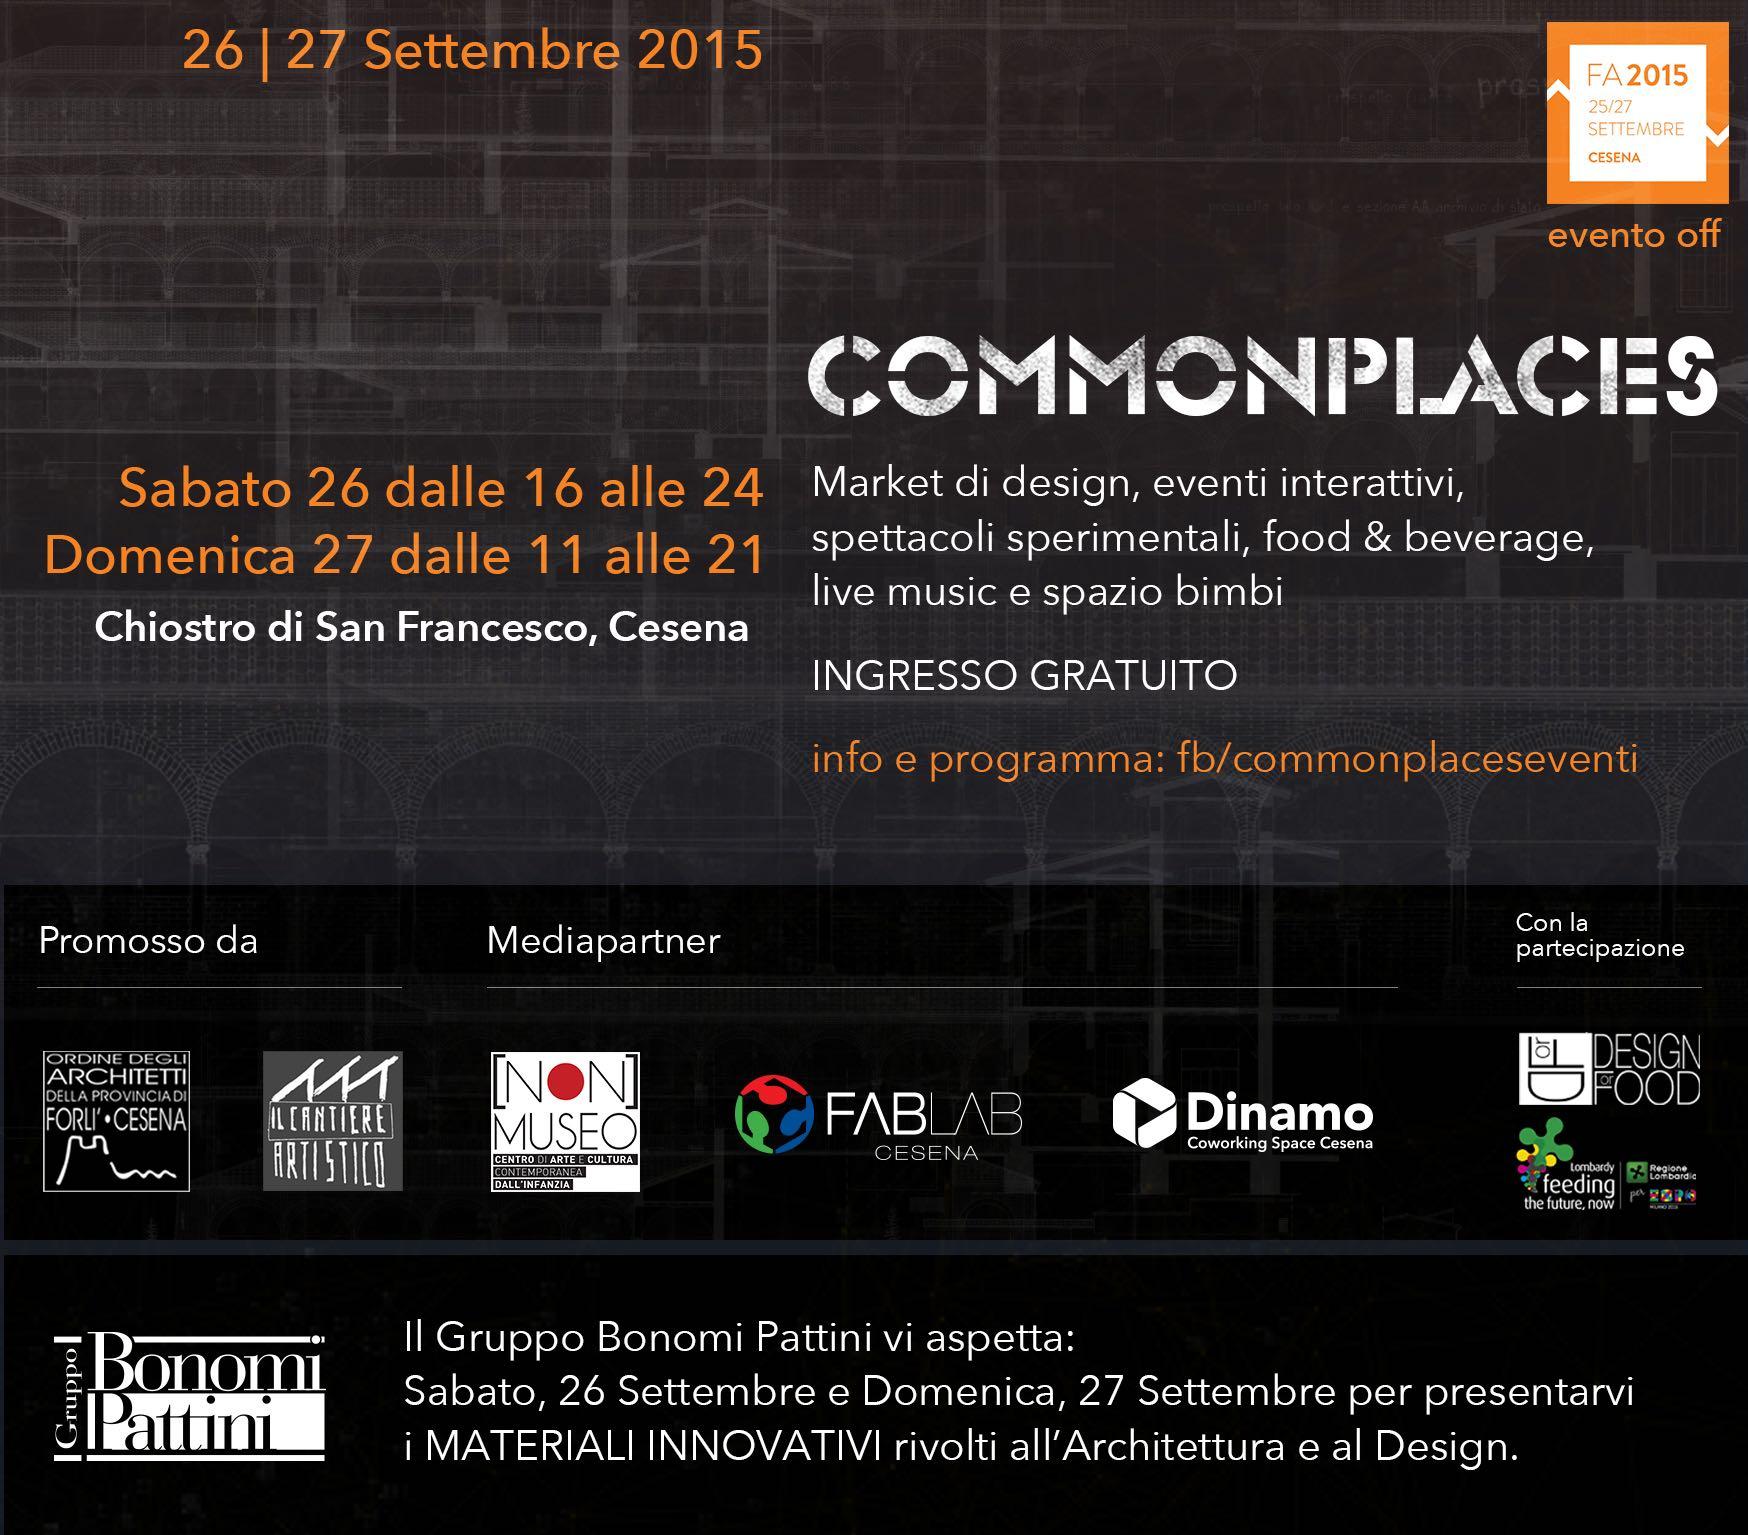 Il Gruppo Bonomi Pattini al Premio di Architettura di Forlì e Cesena